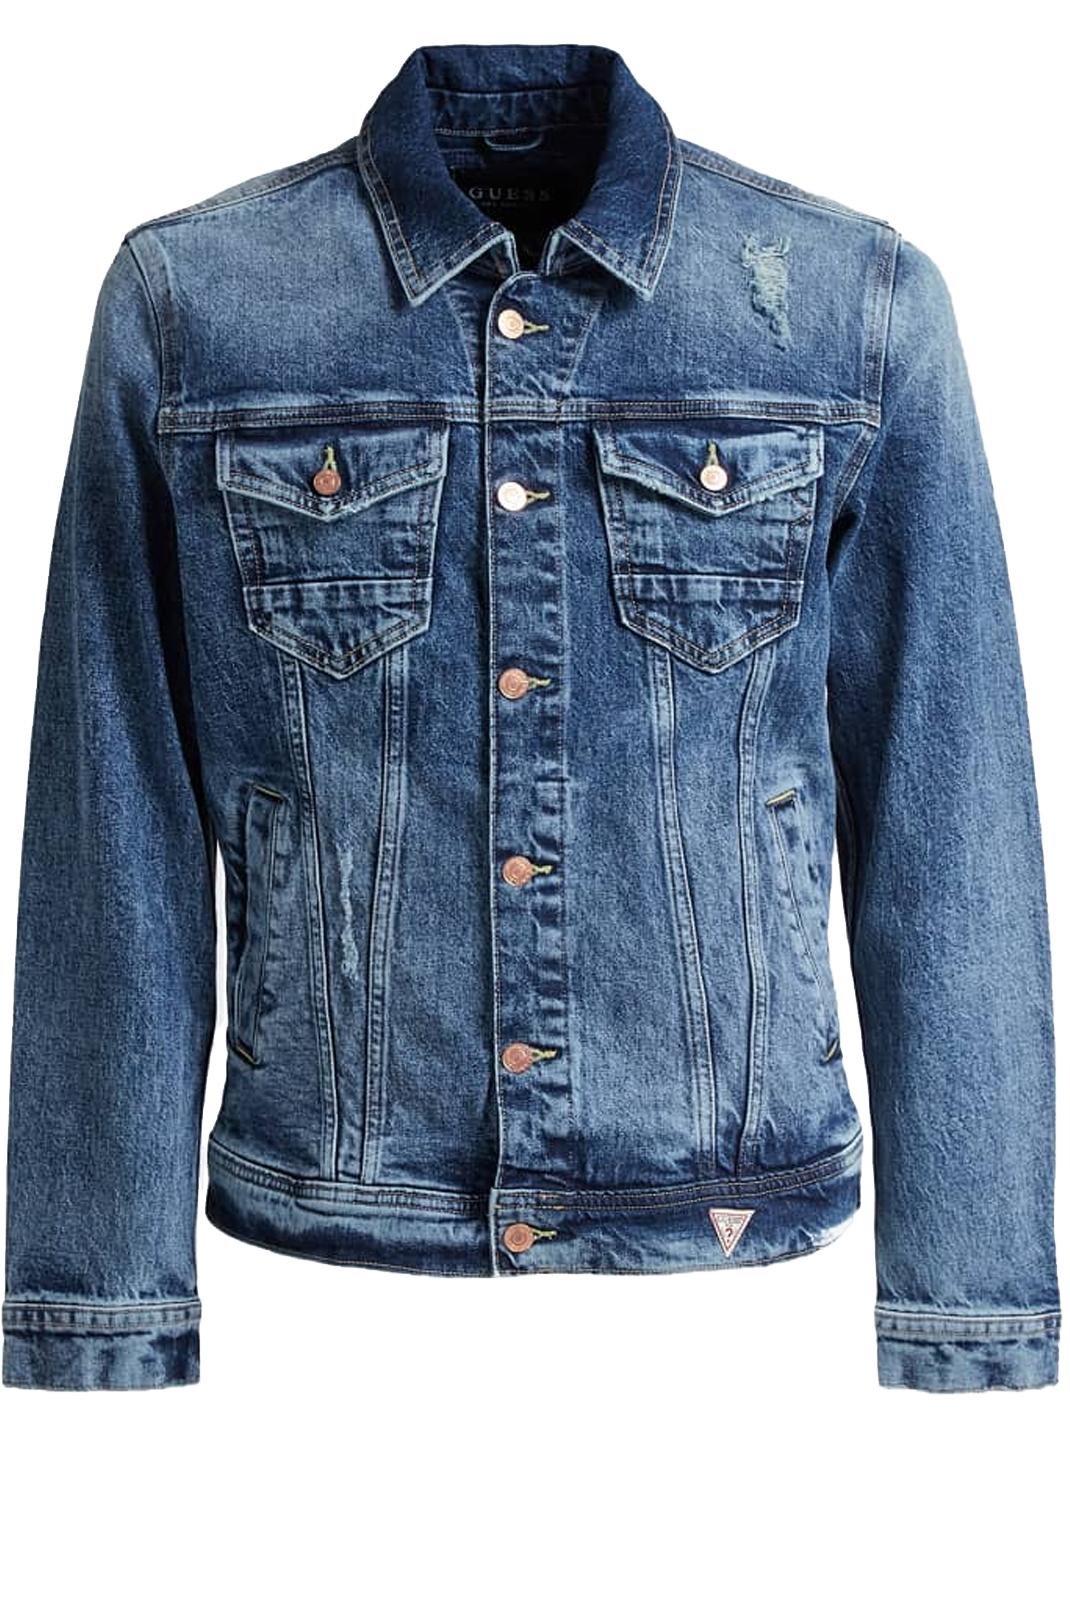 Blousons / doudounes  Guess jeans M92N14D32S1 MEDFORD